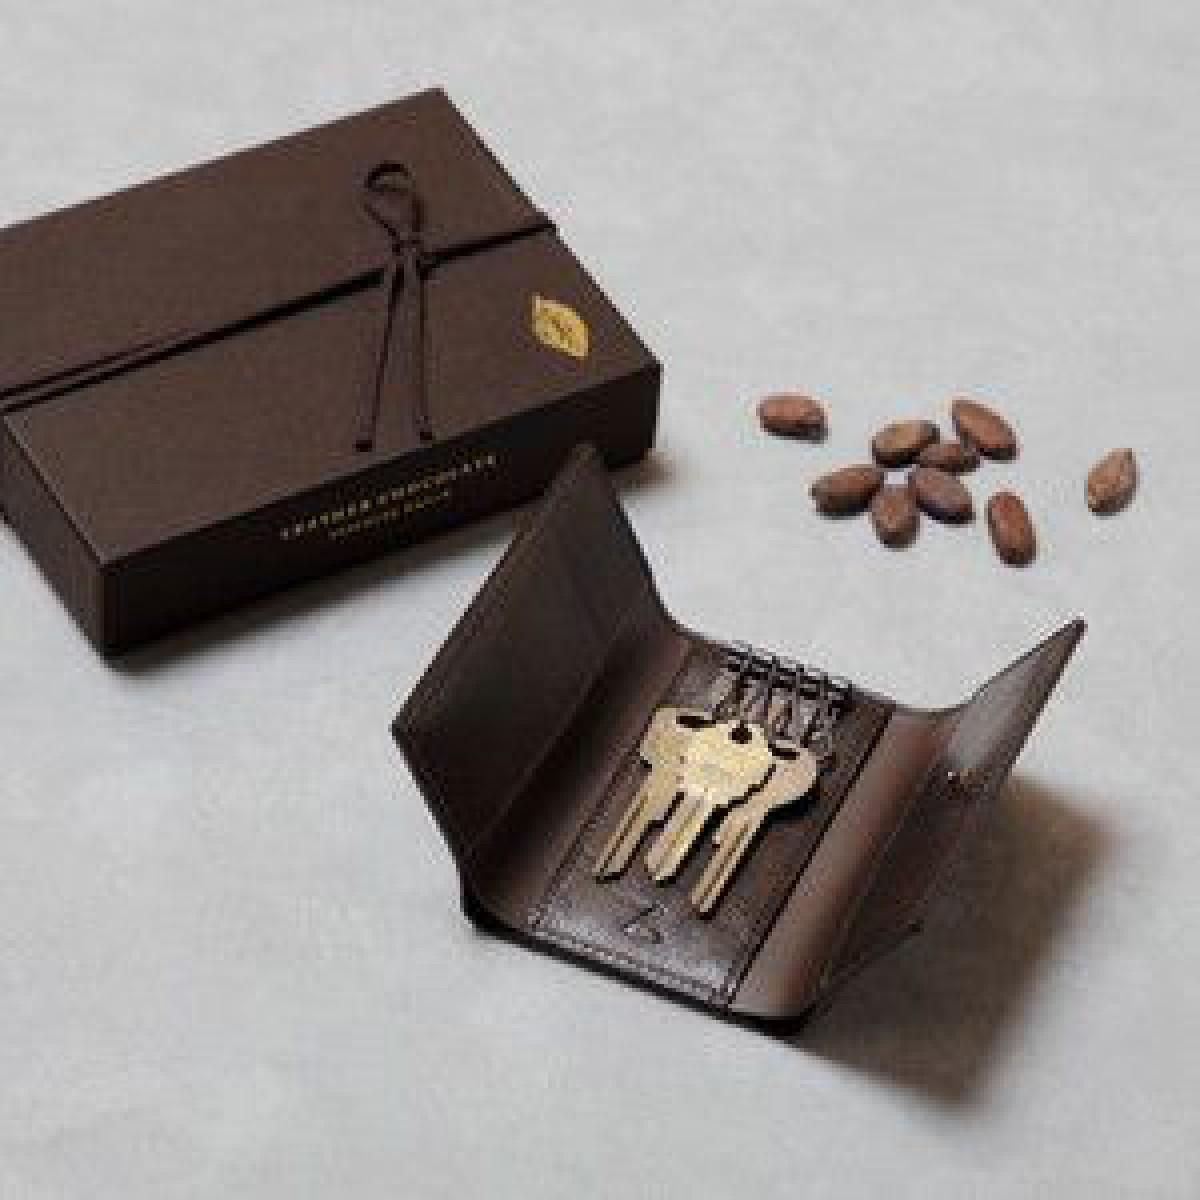 土屋鞄製造所がチョコレートのようなバレンタイン限定キーケース発売、クラフトチョコの配布も